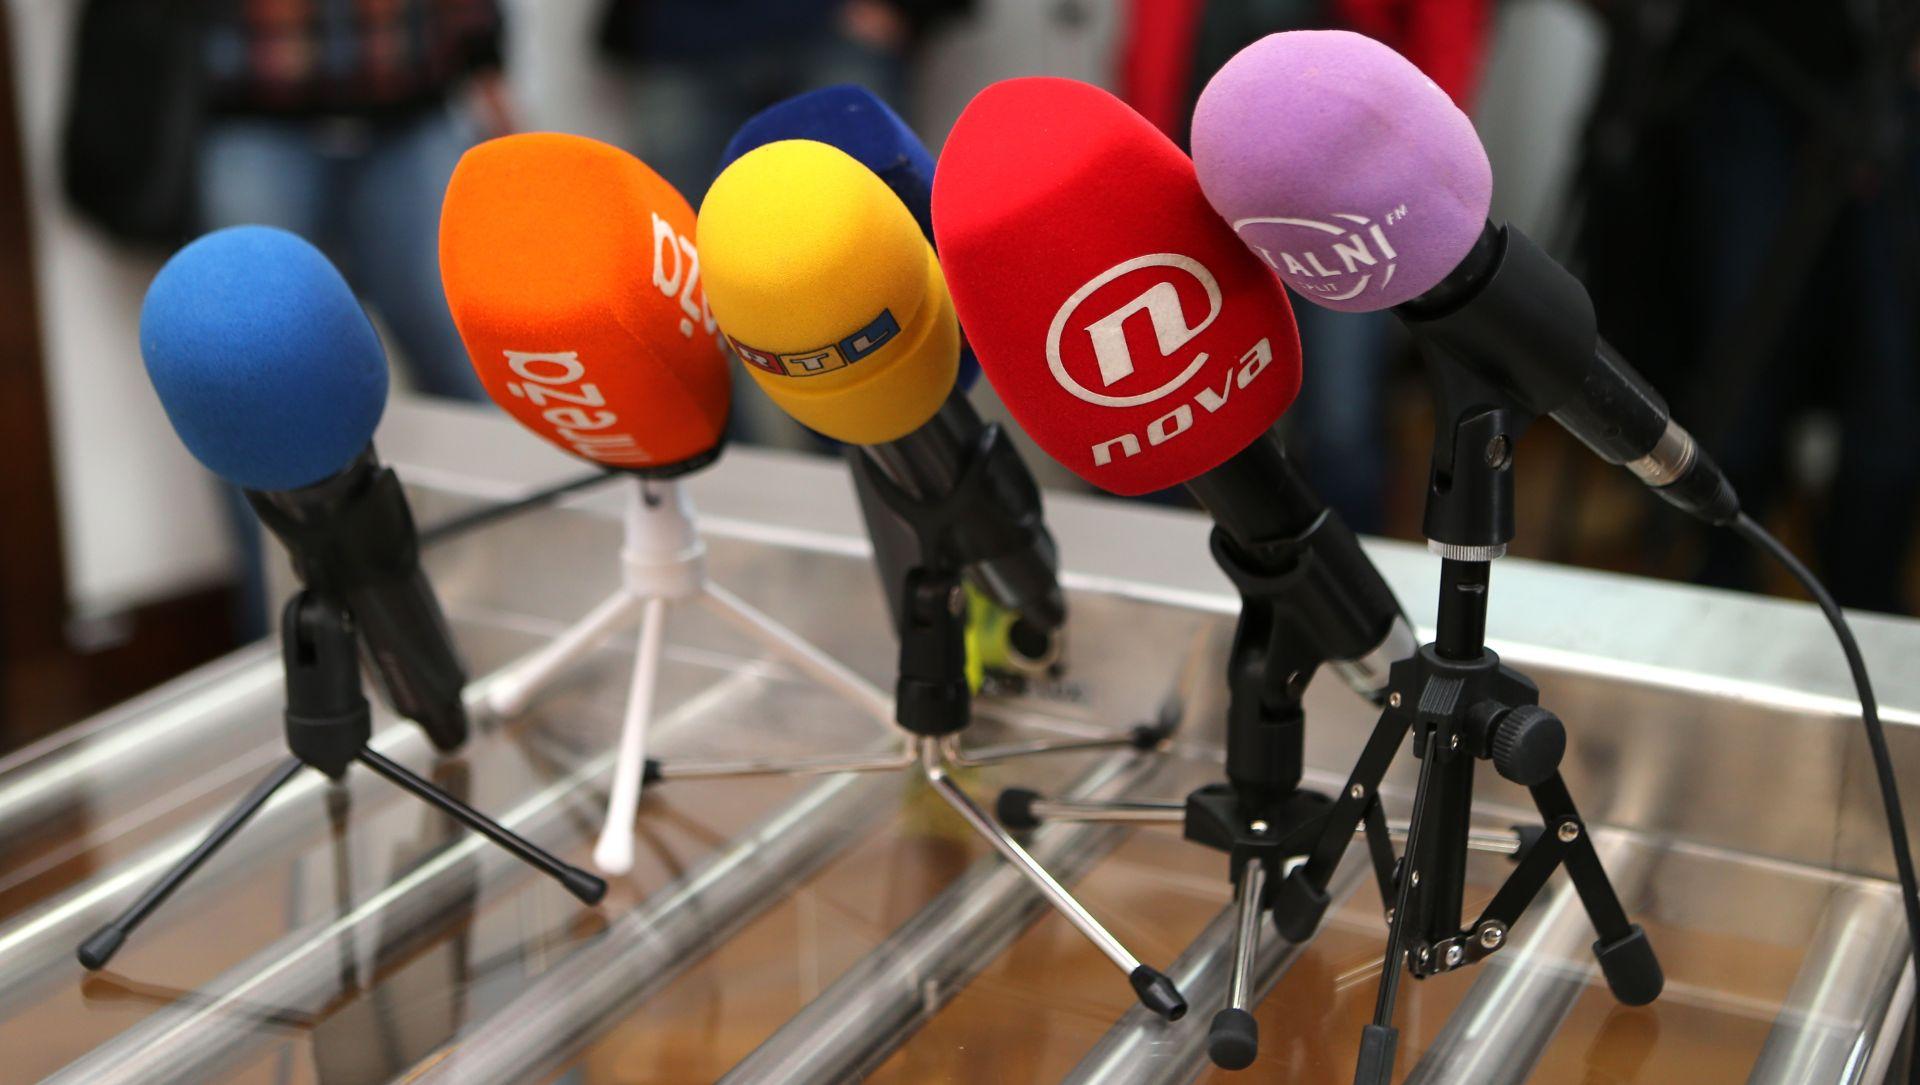 HND osudio napad na novinara RTL-a Panjkotu u Banjoj Luci